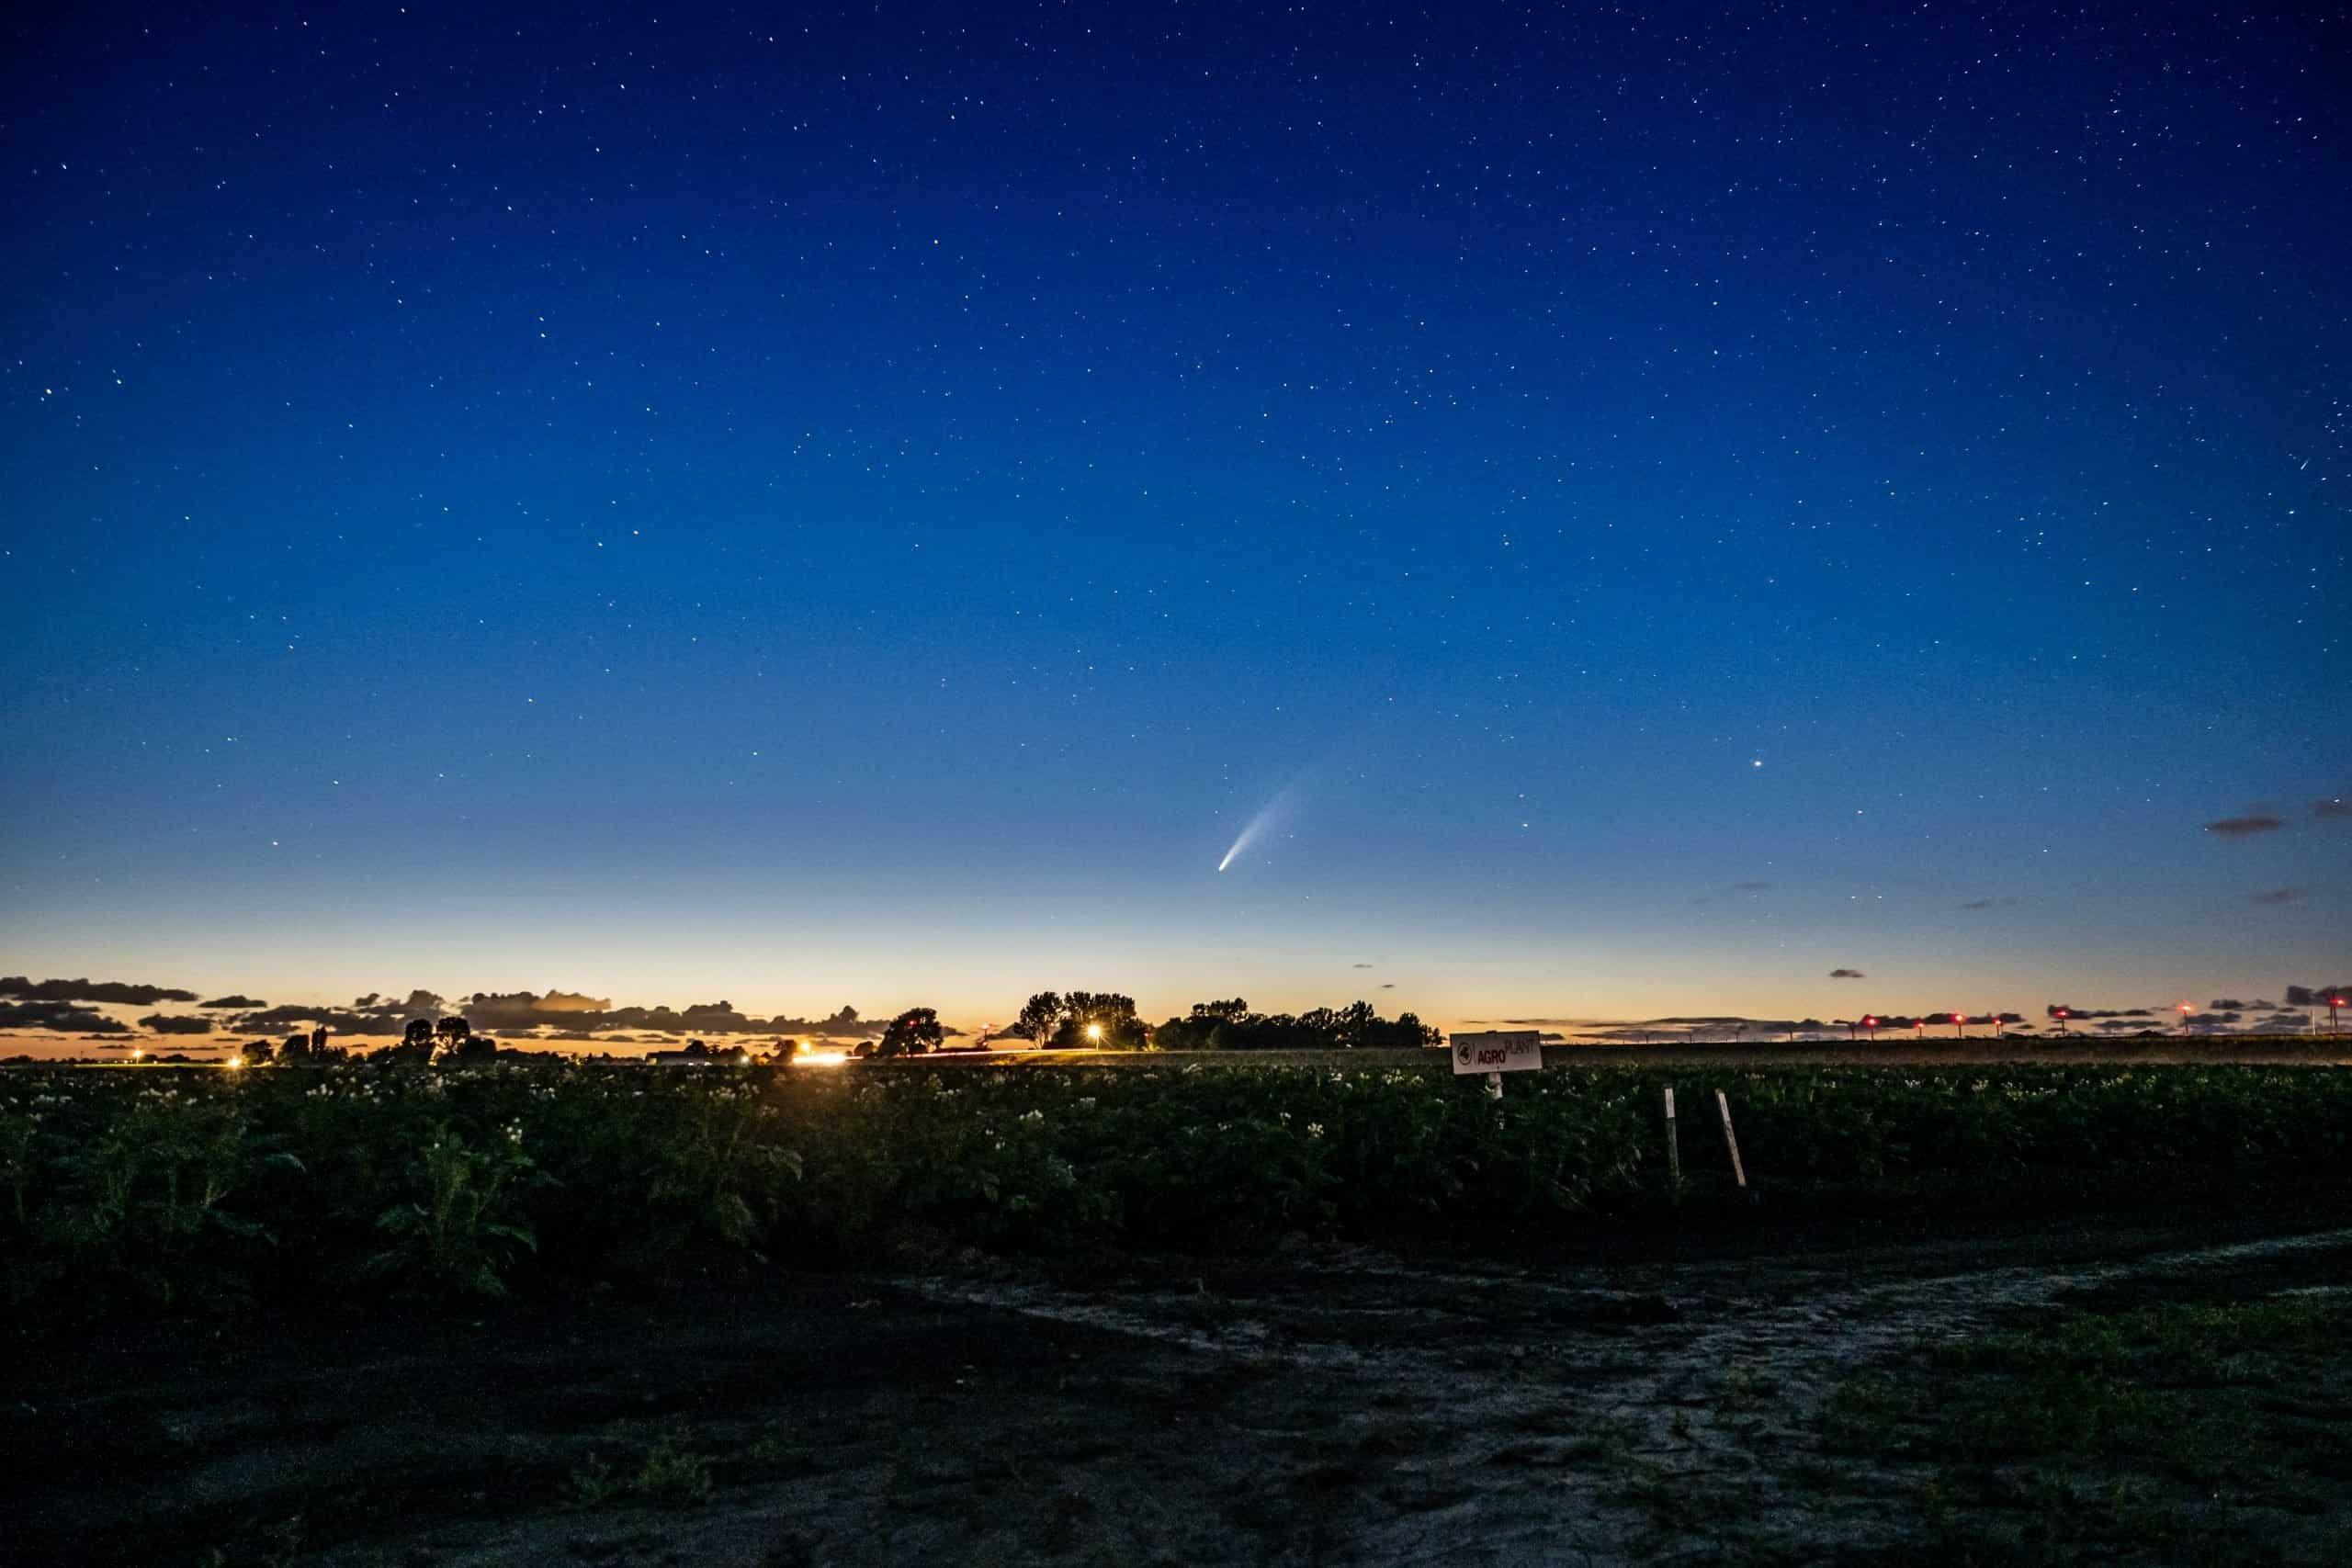 Comet NEOWISE Hero